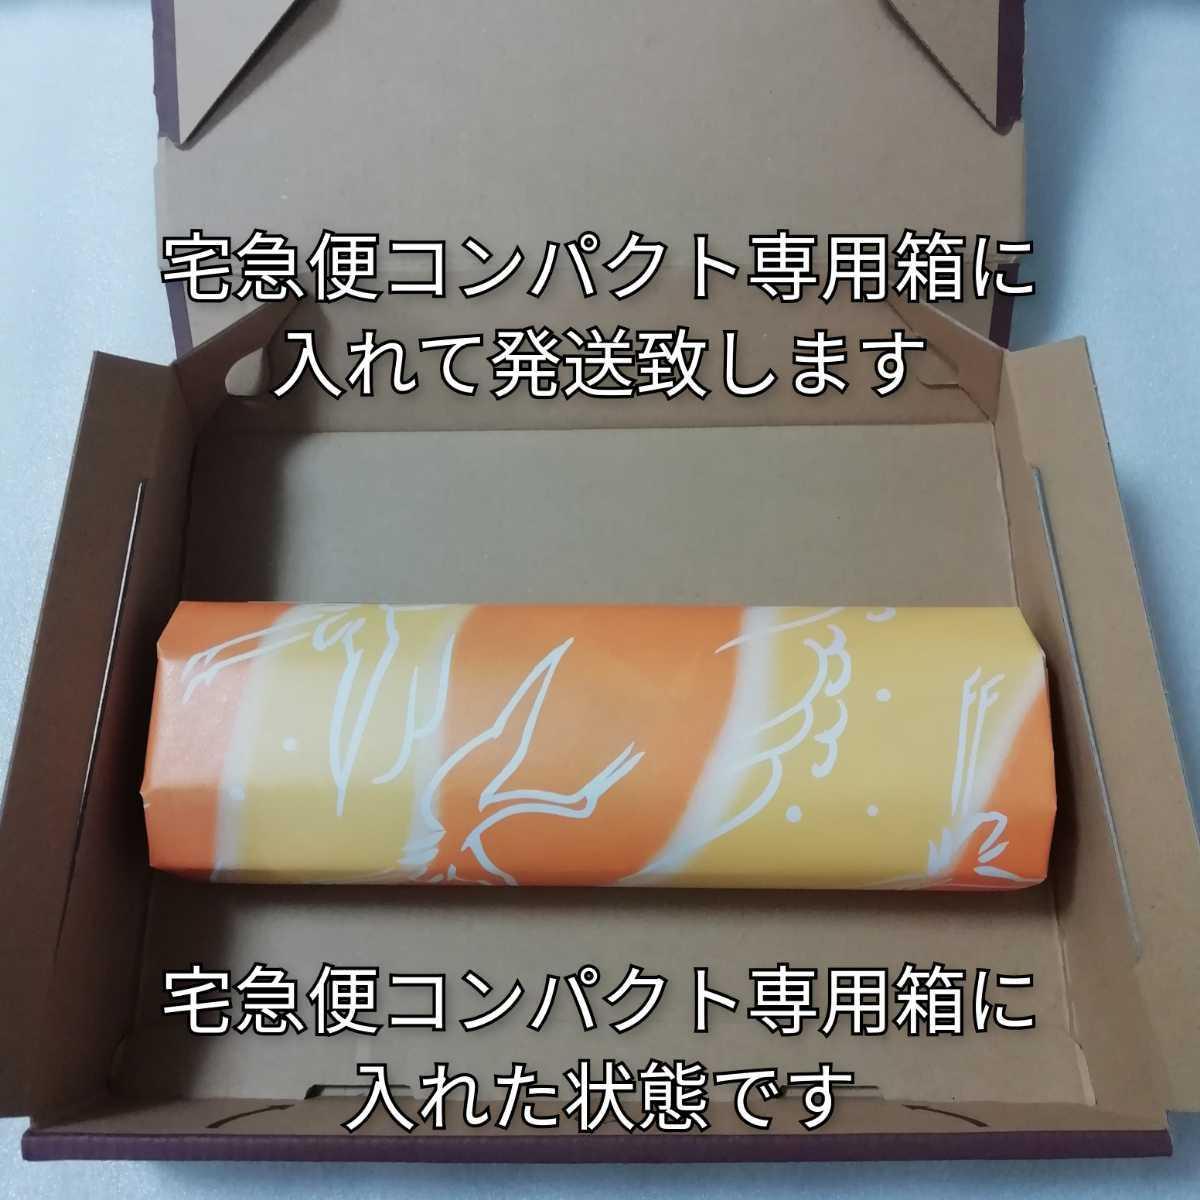 鶴屋吉信 京観世 1棹 和菓子 きょうかんぜ_画像4